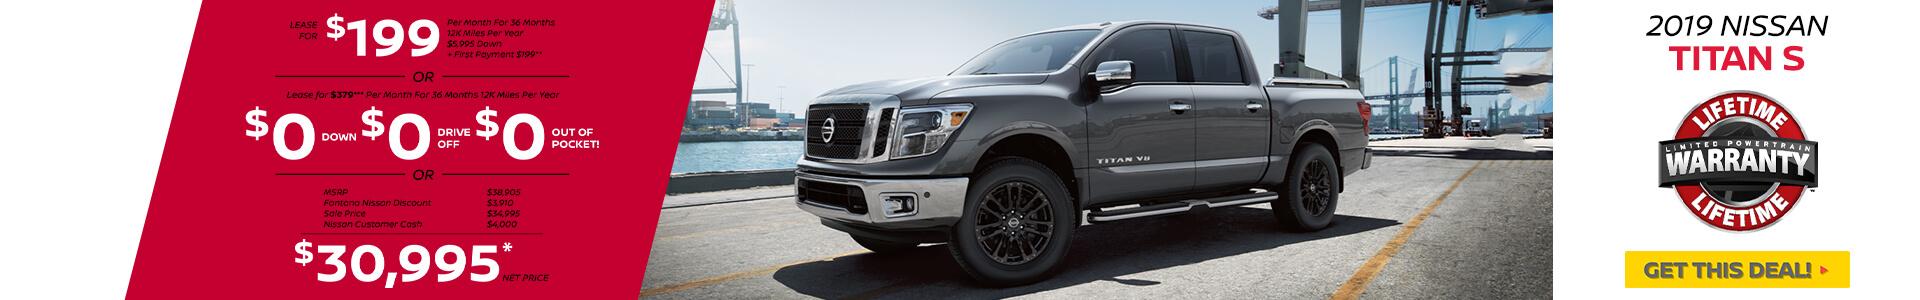 Nissan Titan $199 Lease